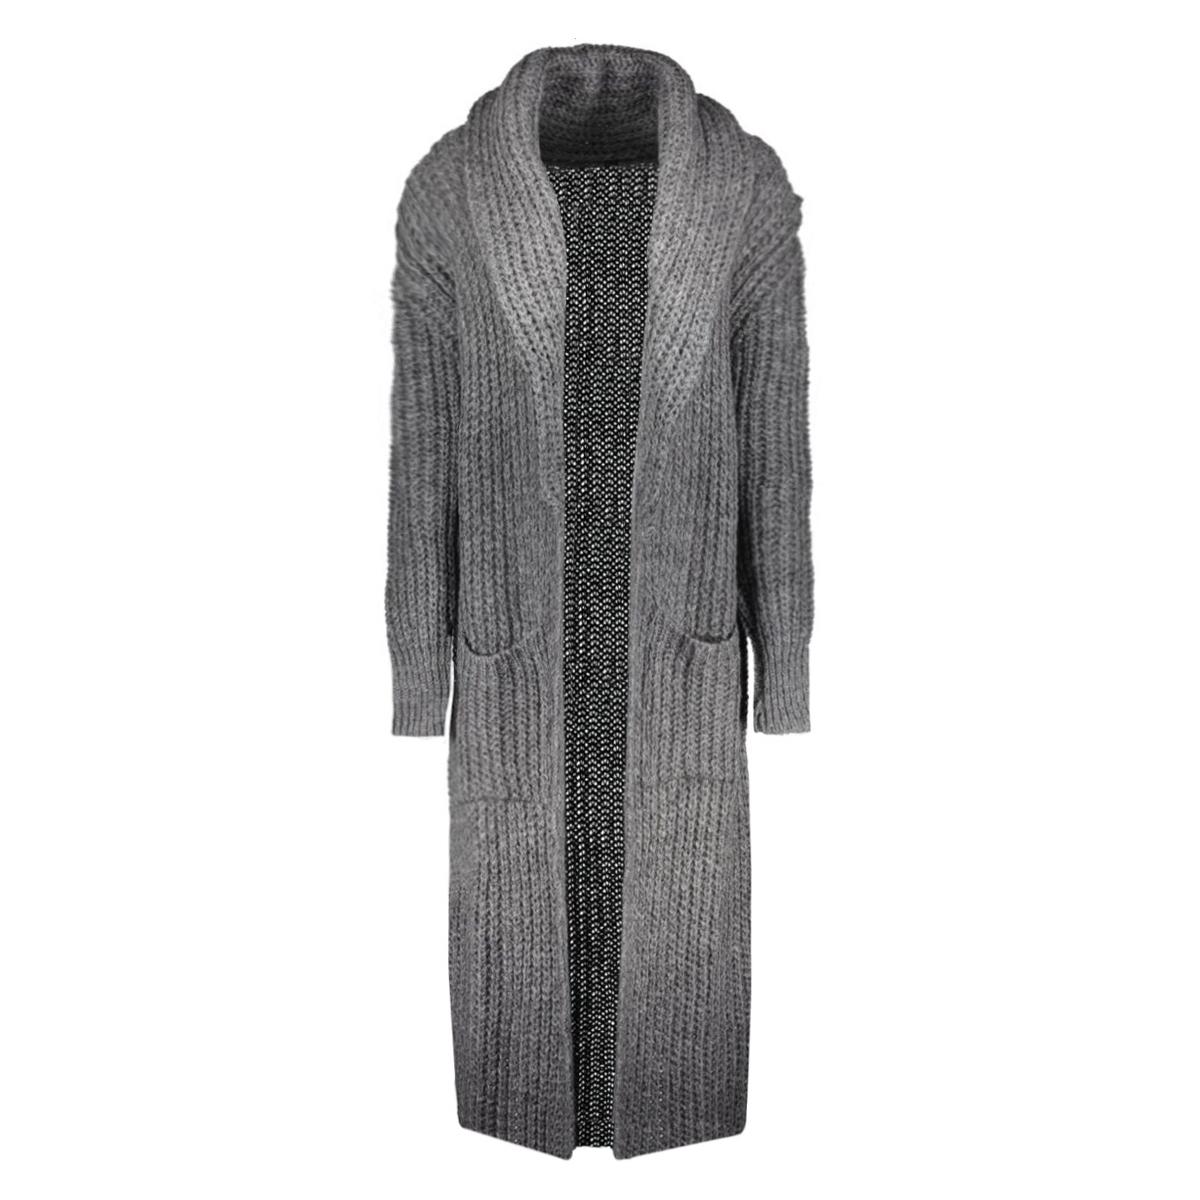 16wi664 10 days vest light grey melee